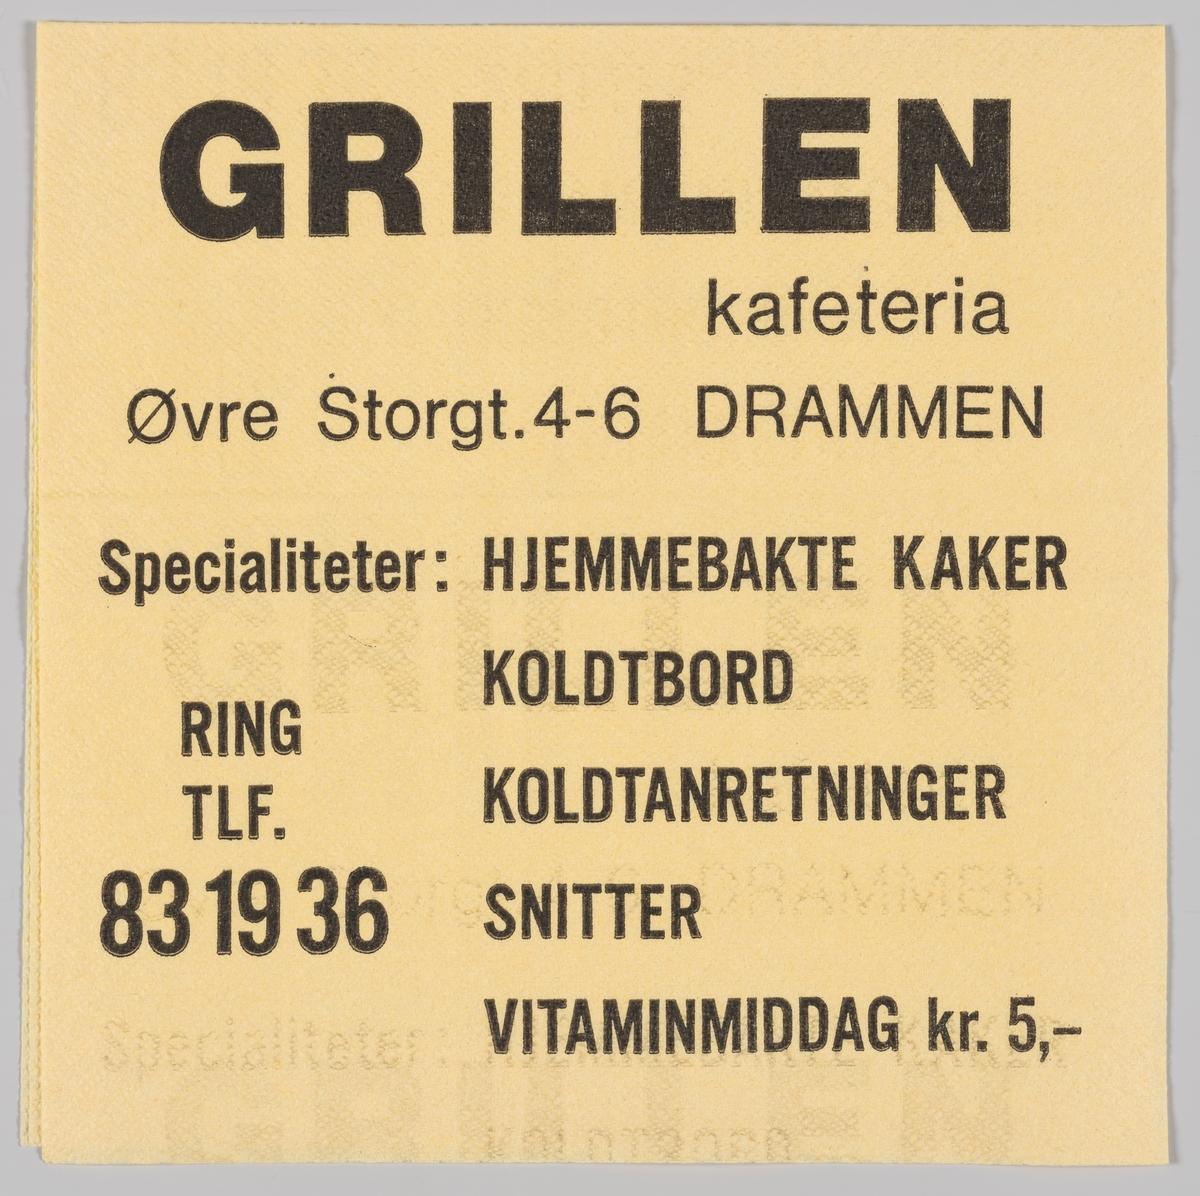 En reklametekst for Grillen kafeteria i Drammen.